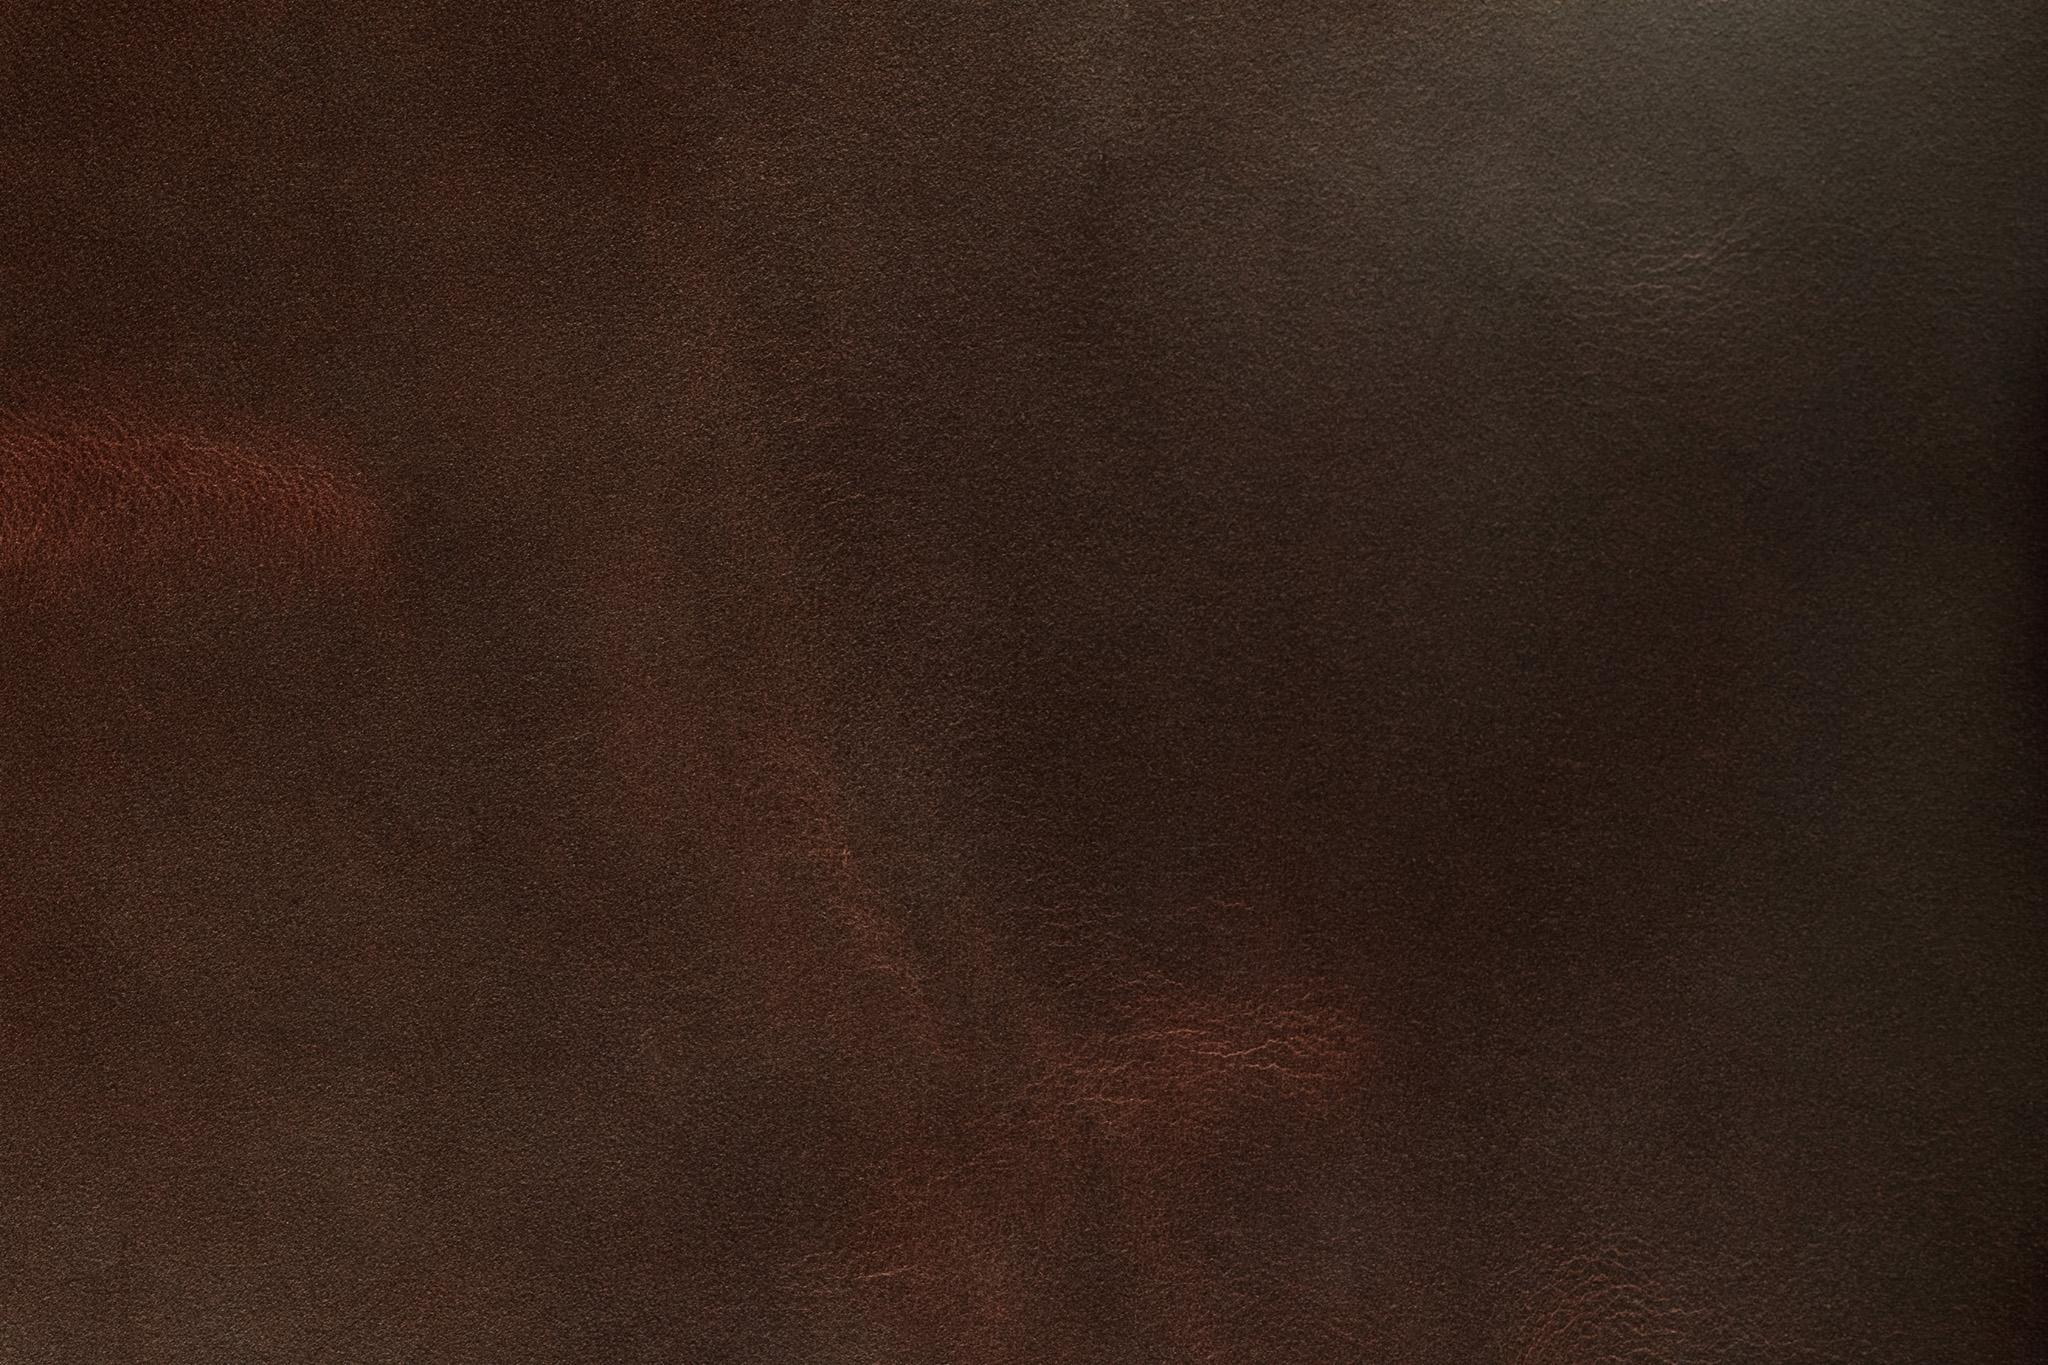 「使い込まれた赤茶色のコードバン」の素材を無料ダウンロード